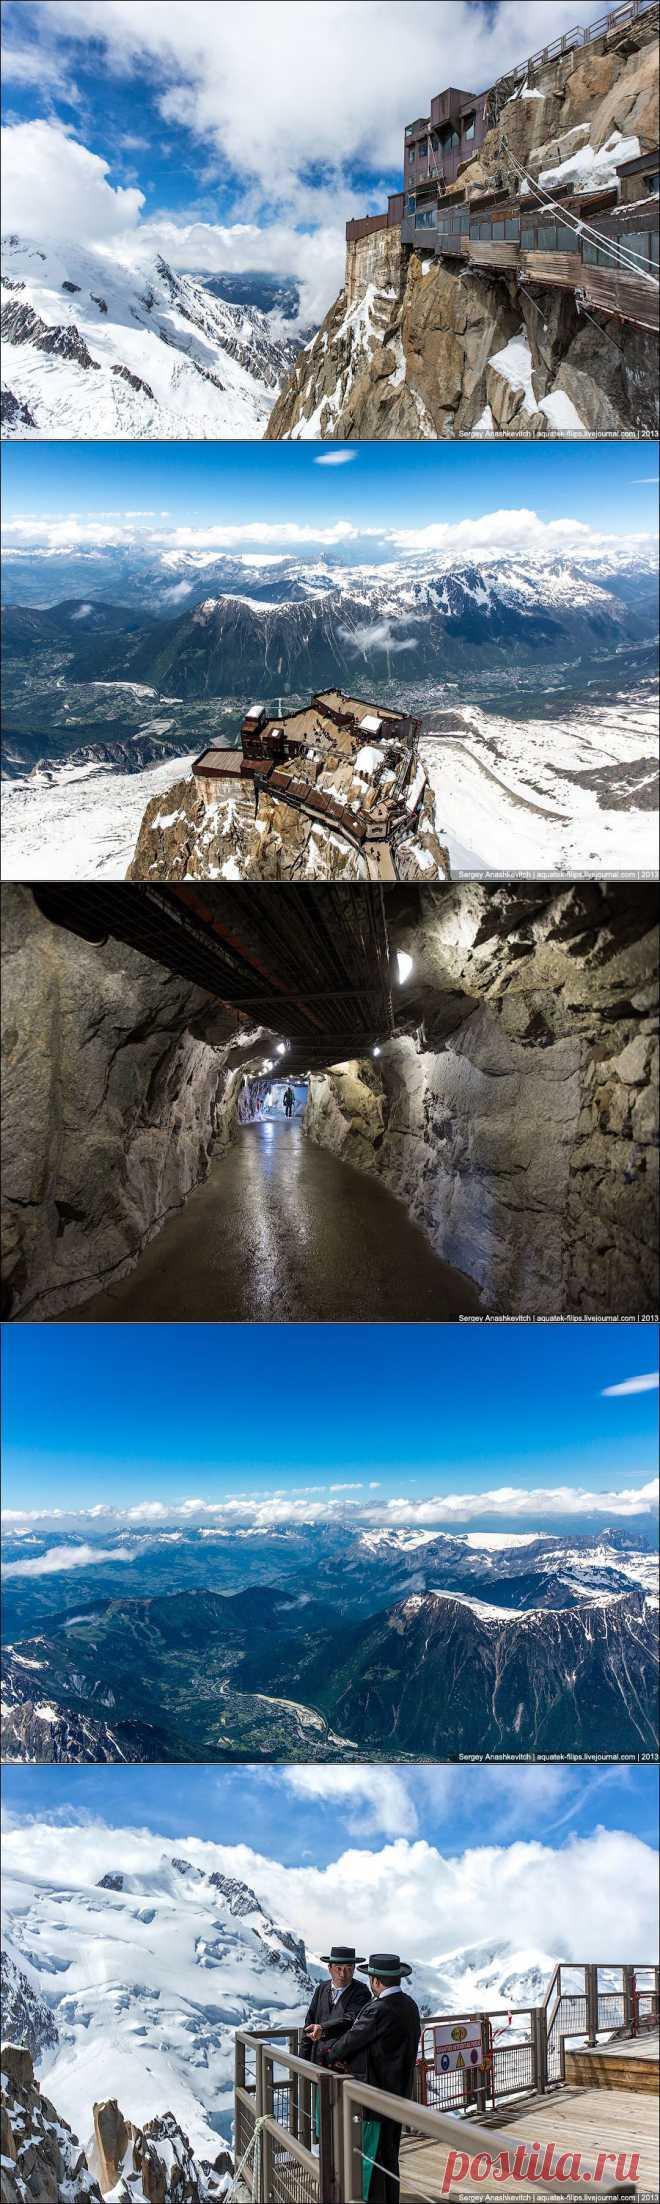 ФотоТелеграф » Вершина Aiguille Du Midi. 3842 метра над уровнем моря